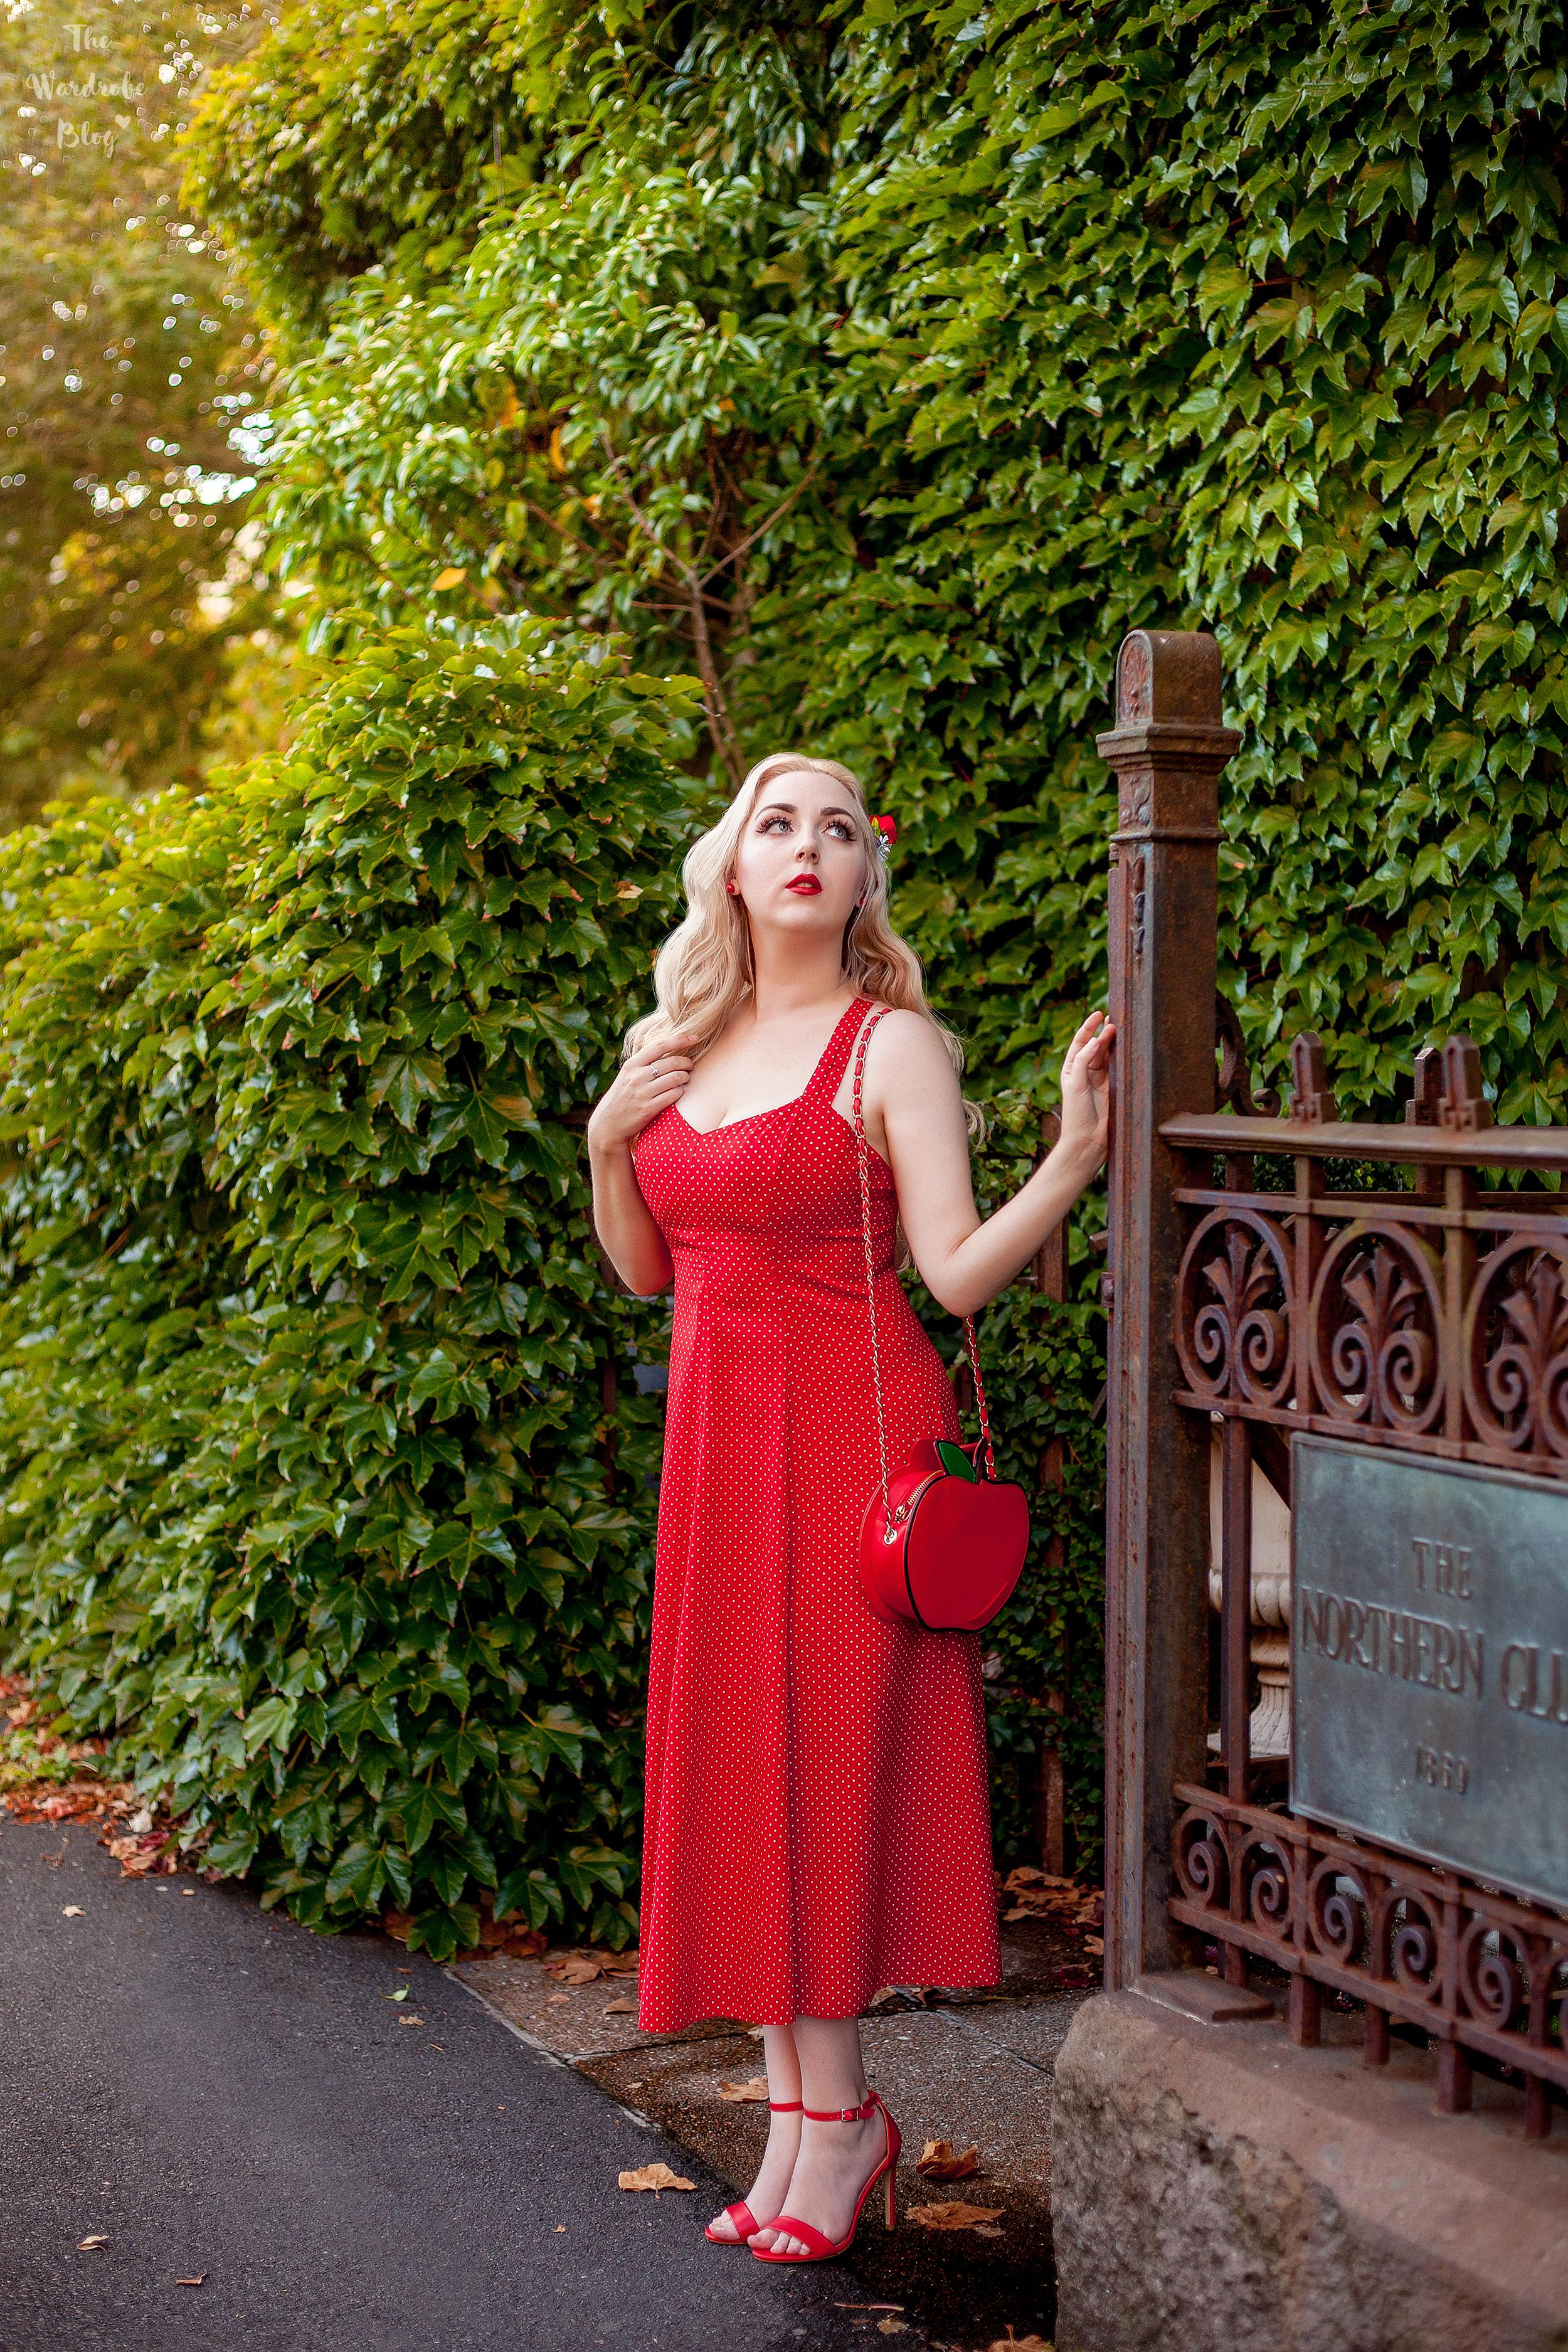 Red-Vintage-Polka-Dot-Dress